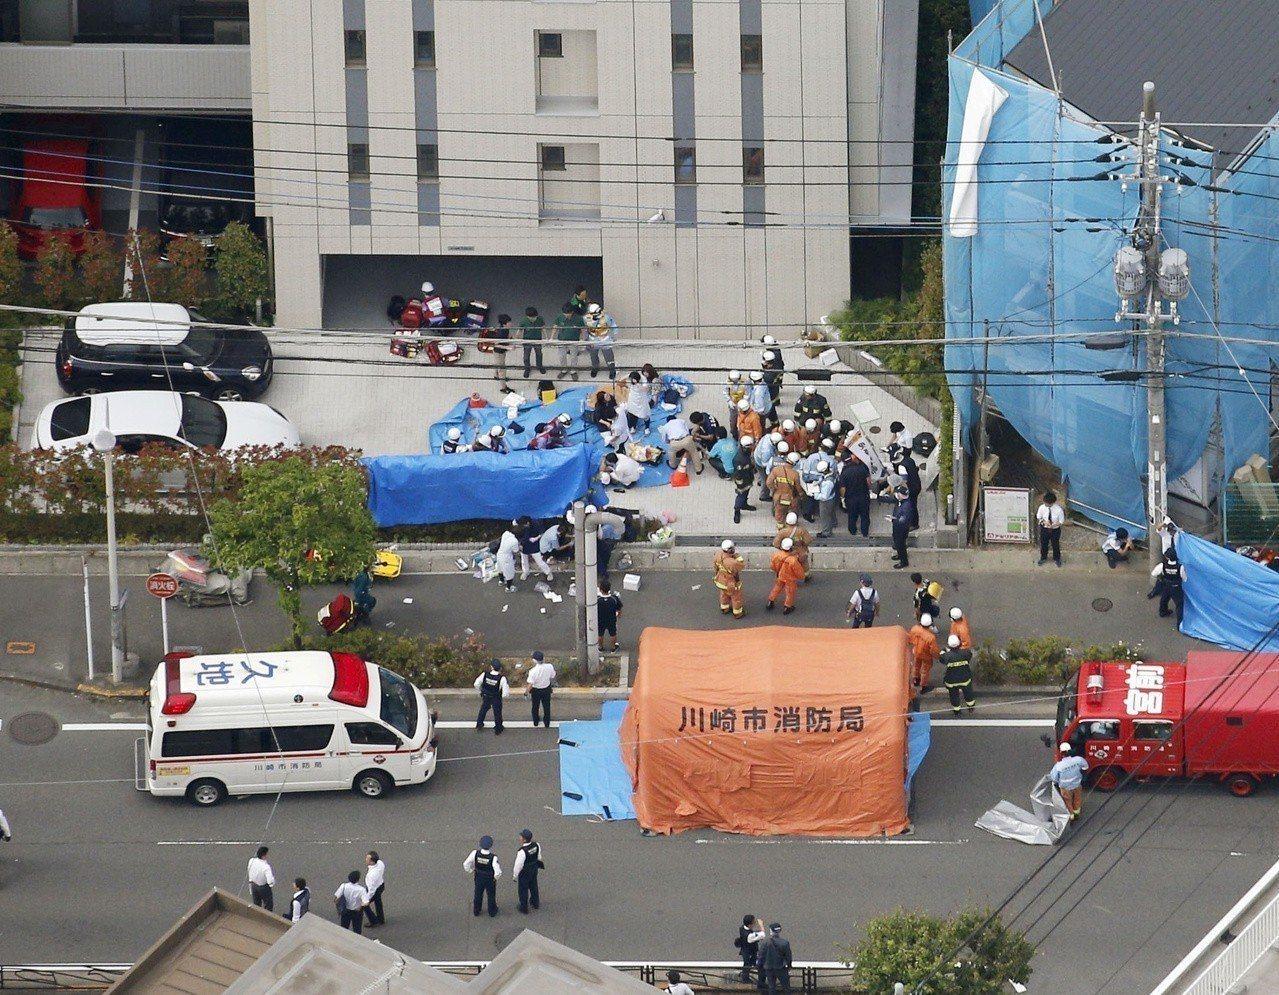 日本神奈川縣川崎市28日發生男子隨機砍人事件,共造成19人受傷。 路透